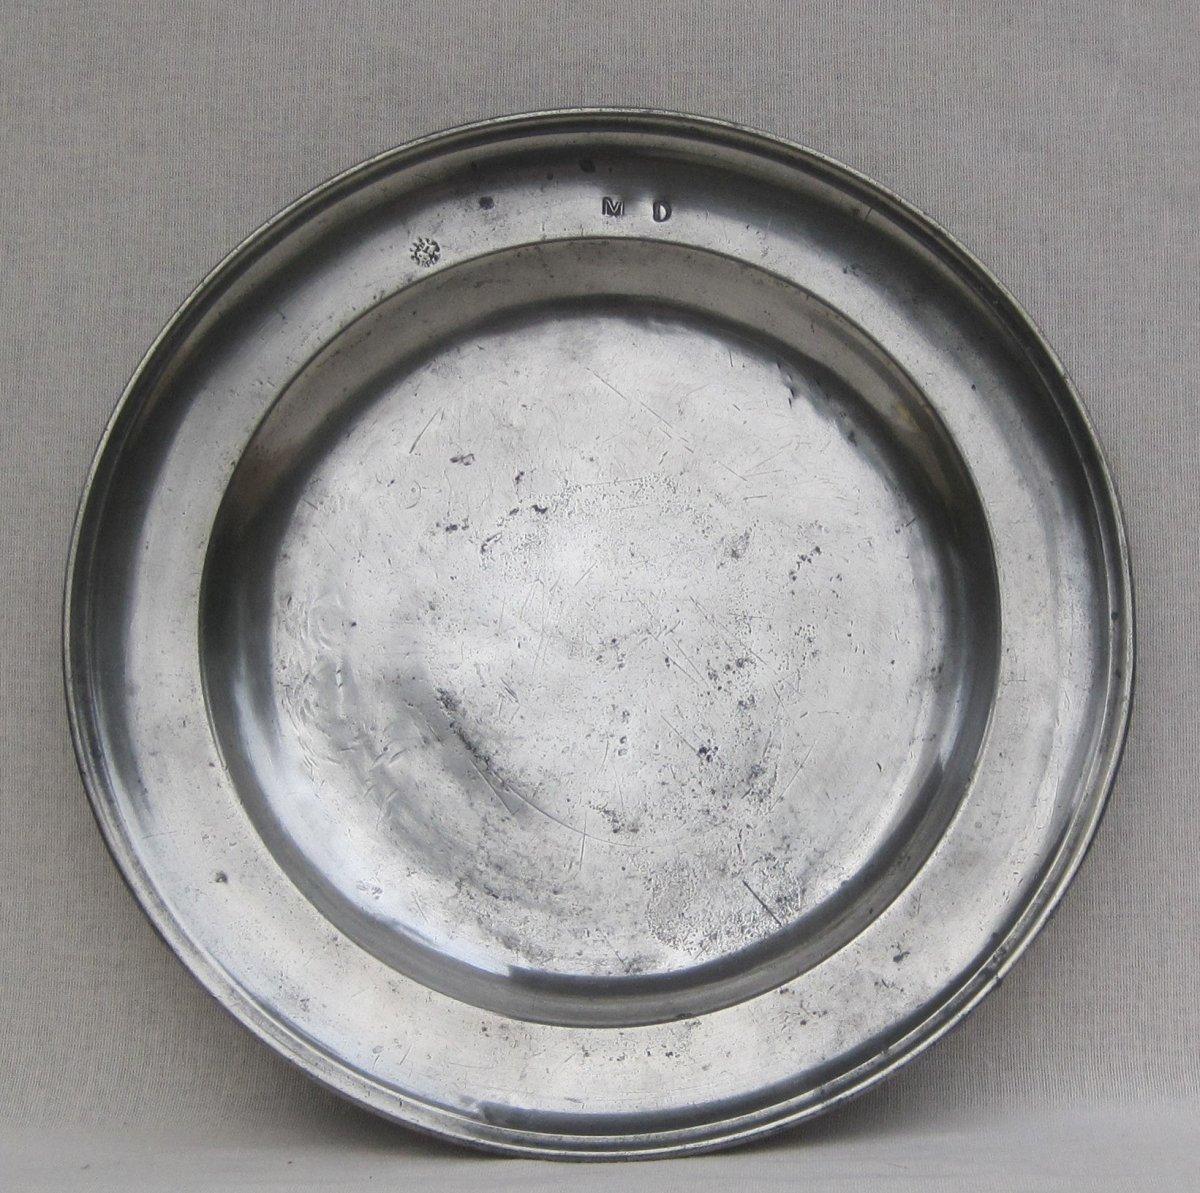 Plat en étain, rond, à bord mouluré. 31,1 cm. ARGENTAN. XVIIIe s.